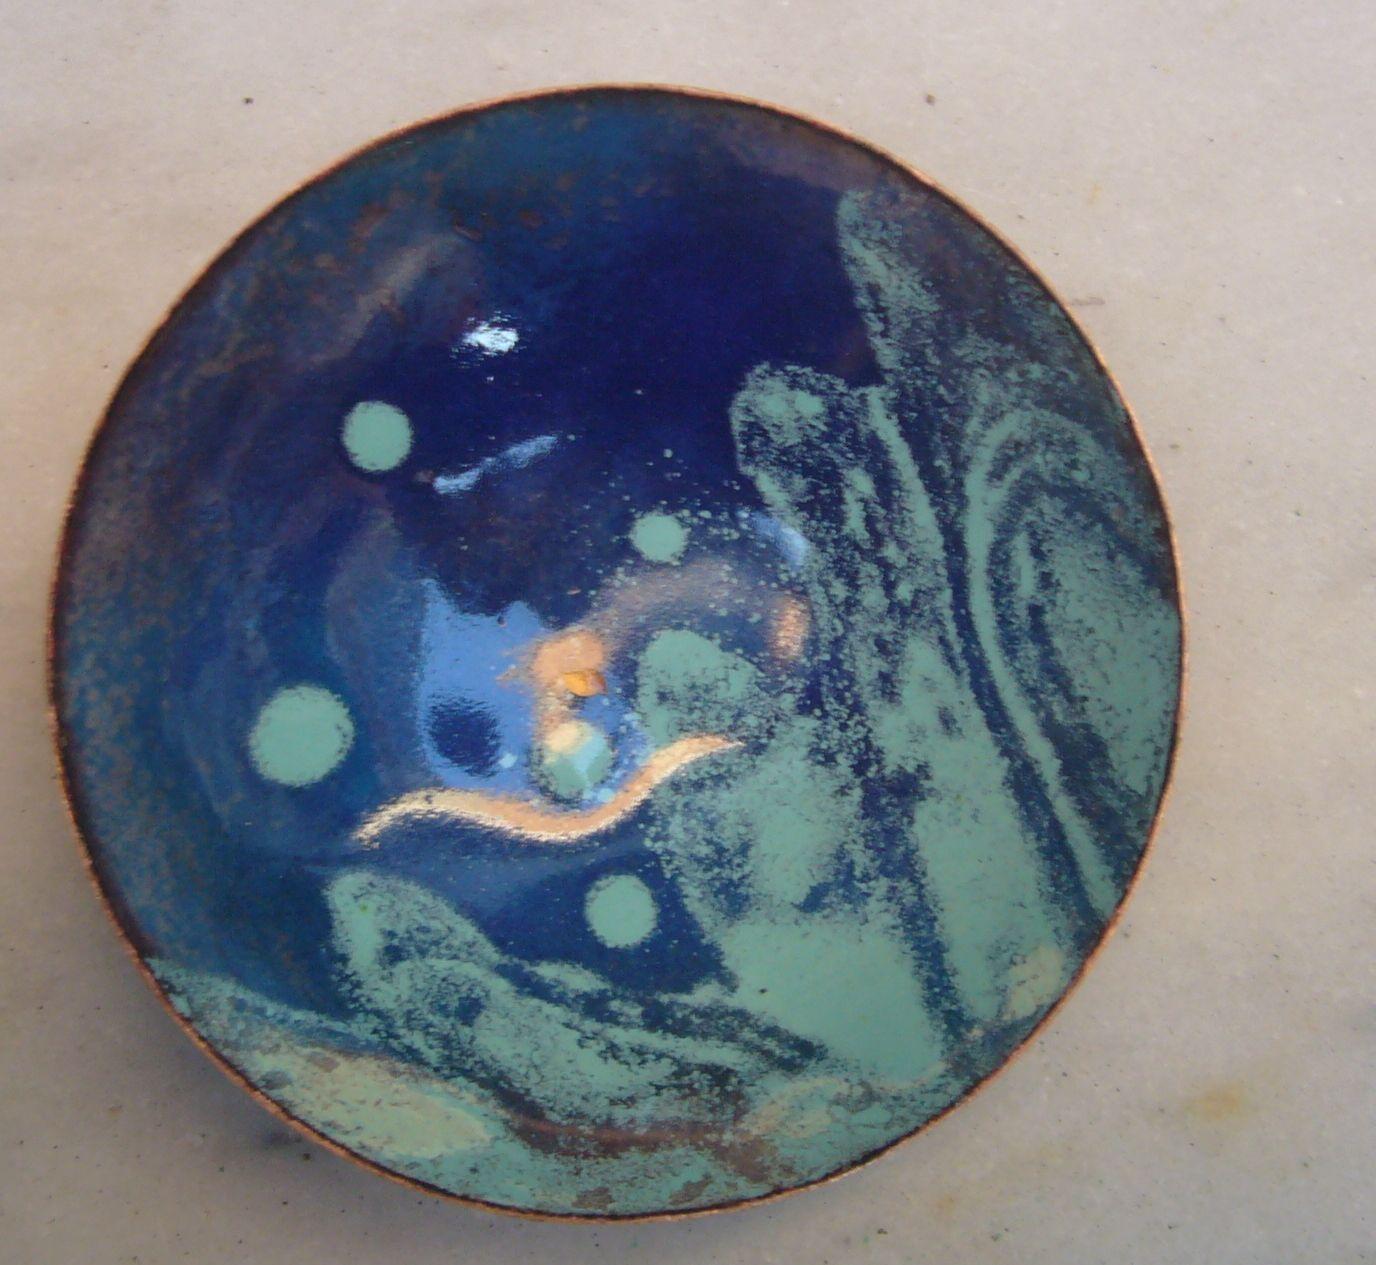 platoAZZUL 1, azules transparentes directos, opacos con pincel